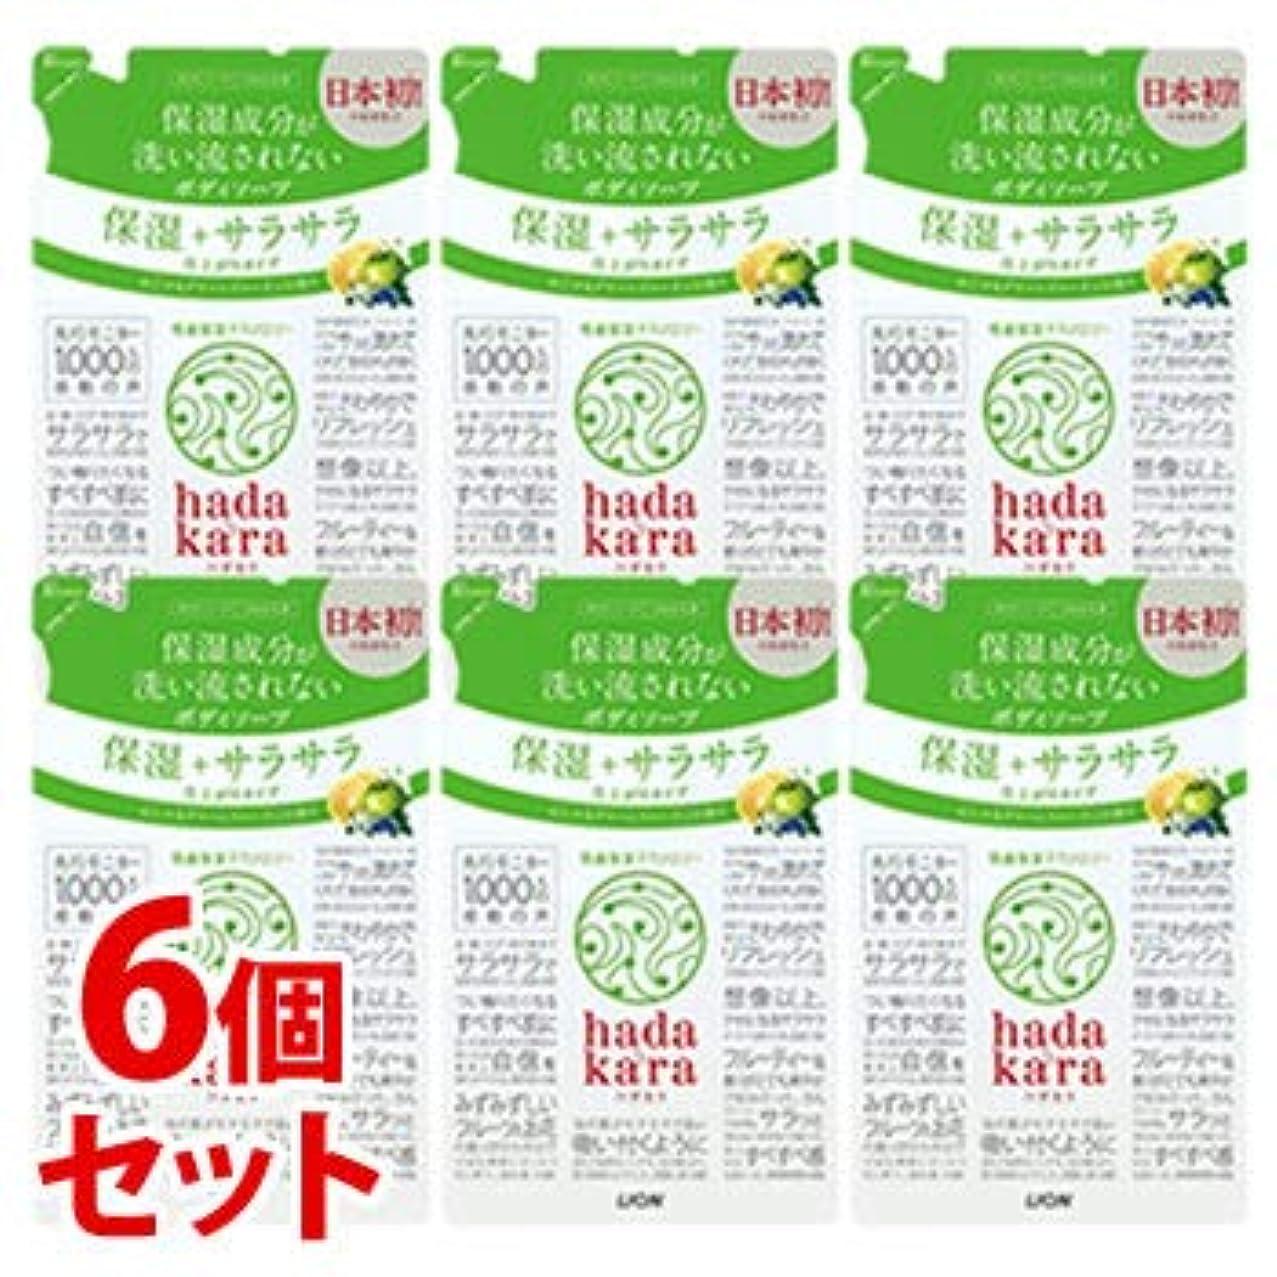 十一うがい胚芽《セット販売》 ライオン ハダカラ hadakara ボディソープ 保湿+サラサラ仕上がりタイプ グリーンフルーティの香り つめかえ用 (340mL)×6個セット 詰め替え用